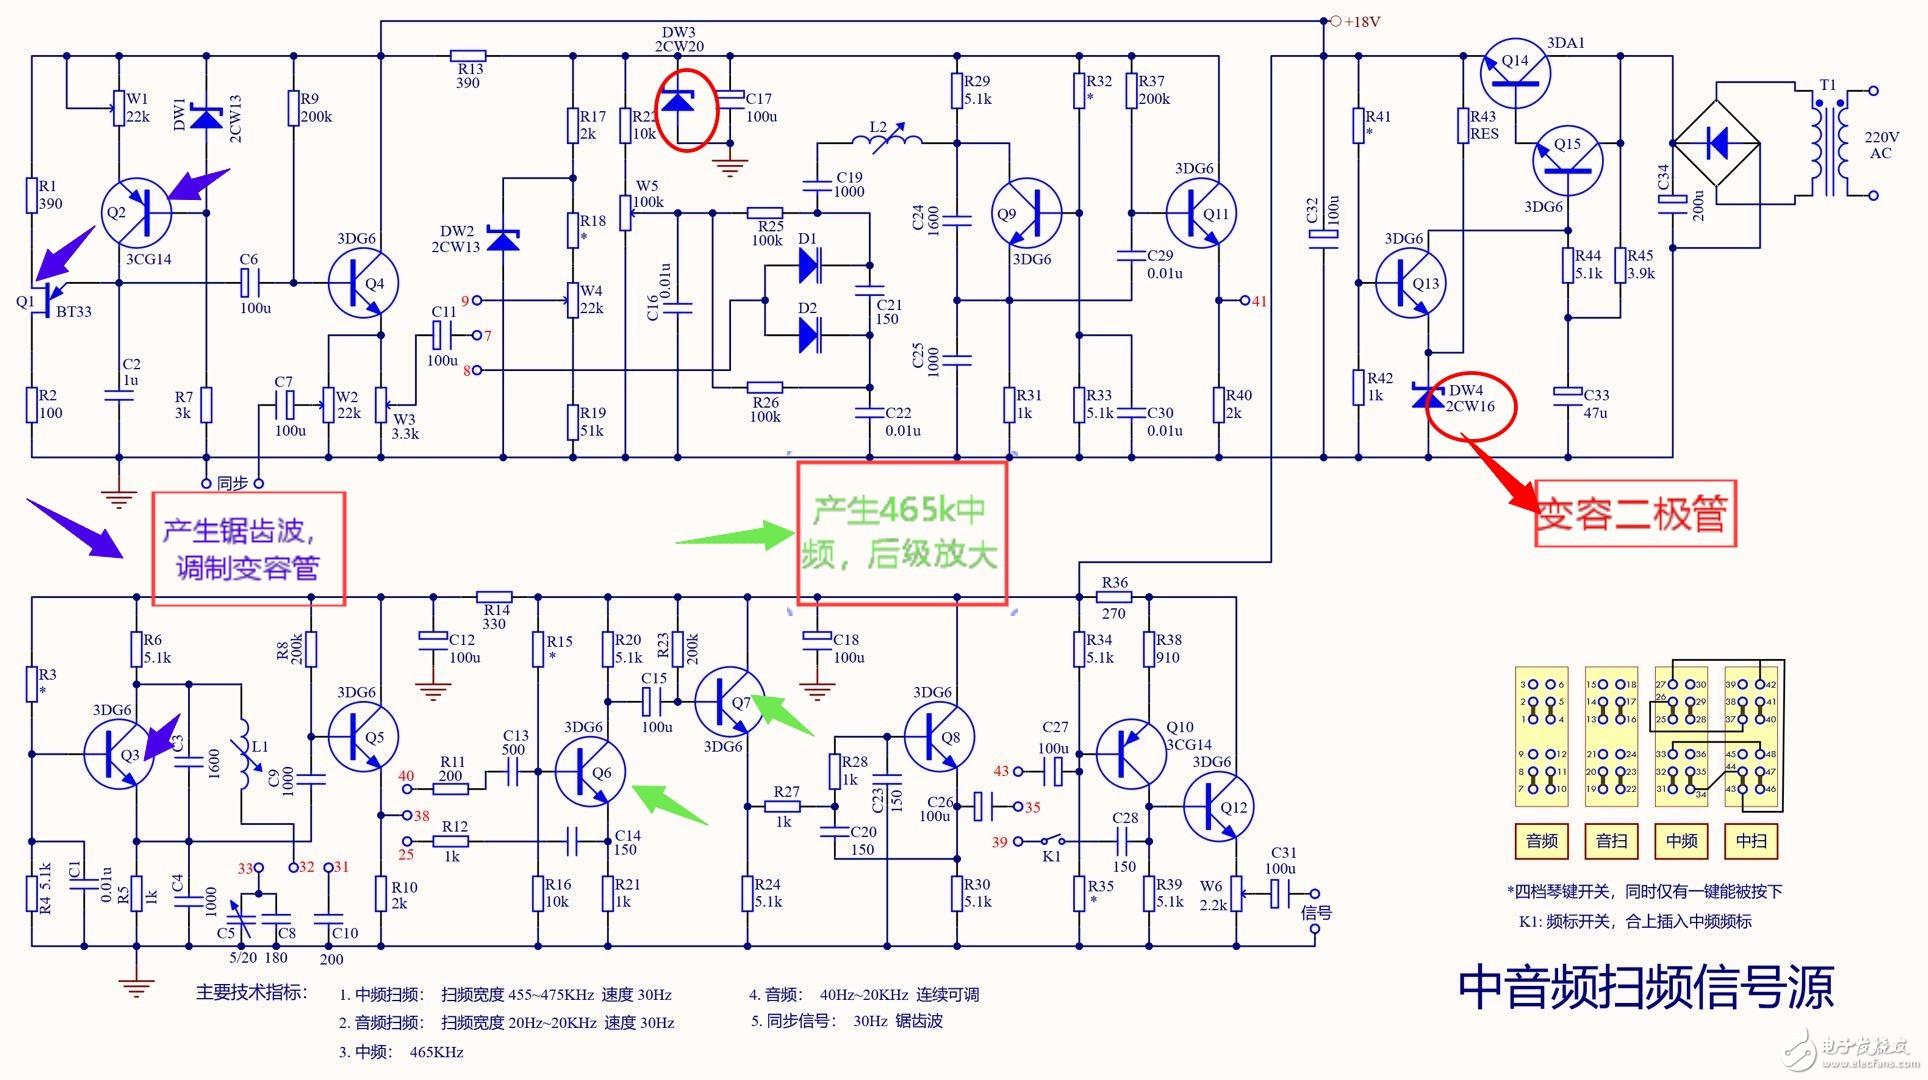 中音频扫频信号源分析